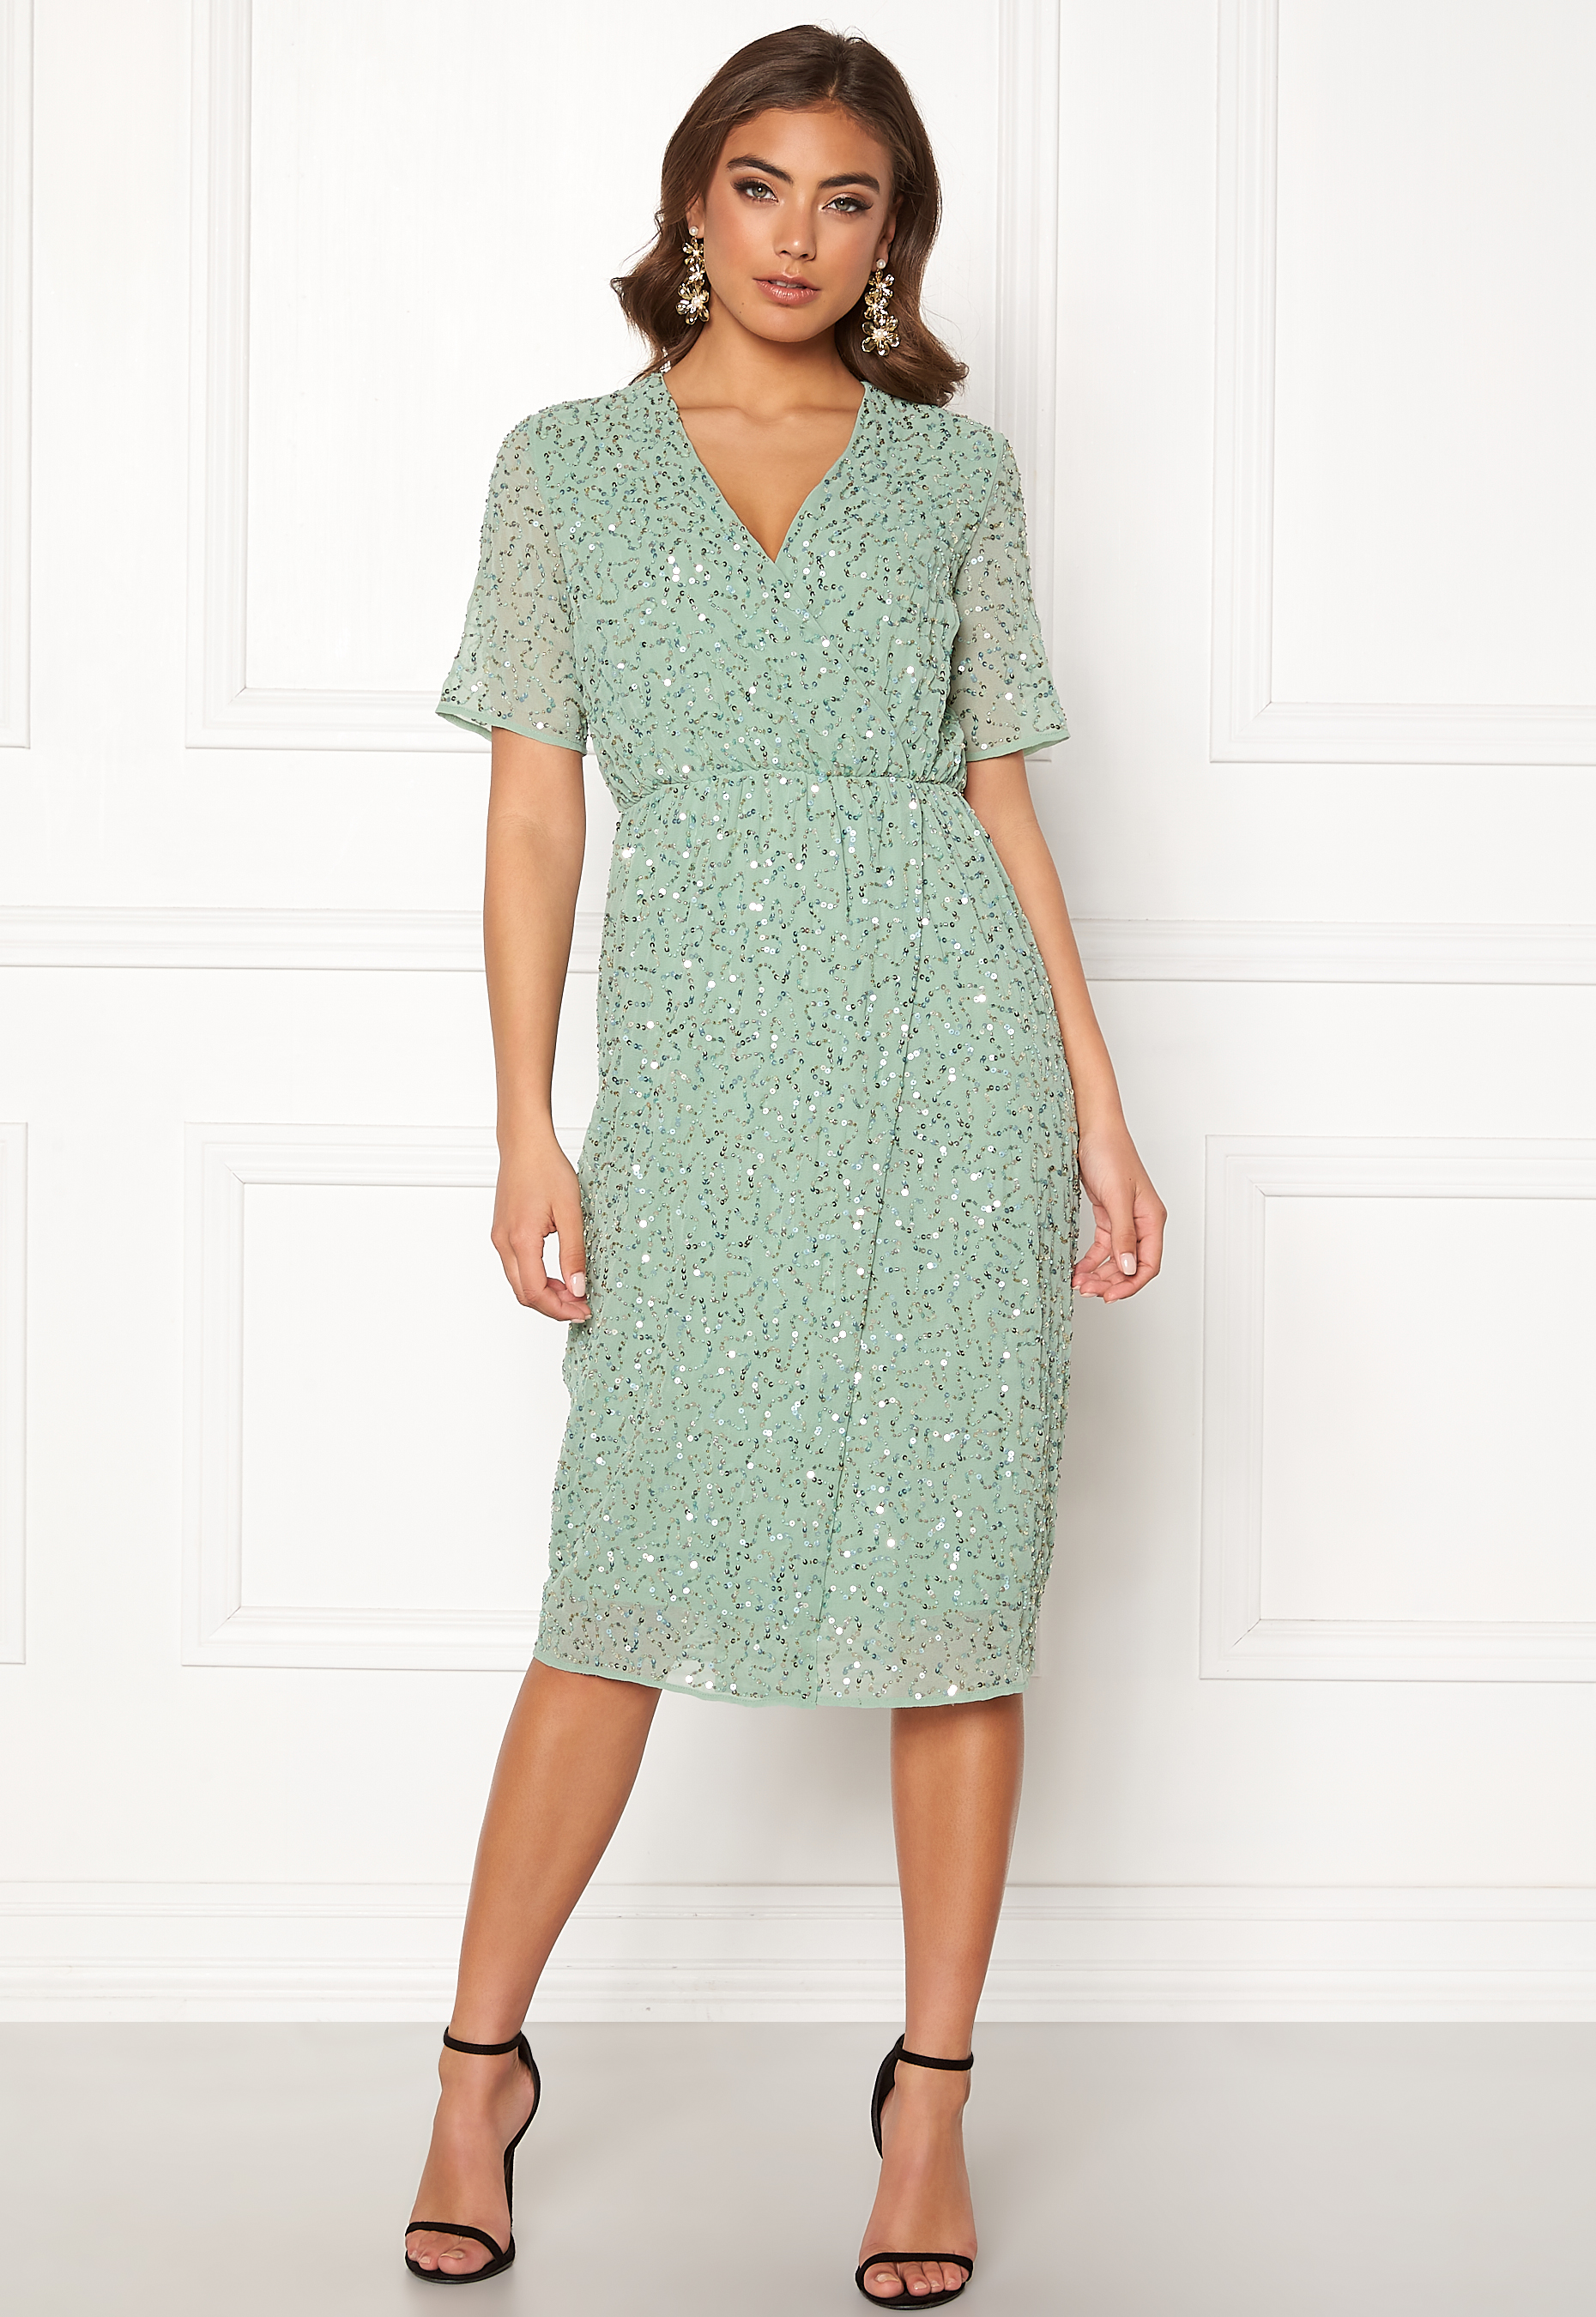 9bf9015b Y.A.S Beado Sequin S/S Dress Granite Green - Bubbleroom